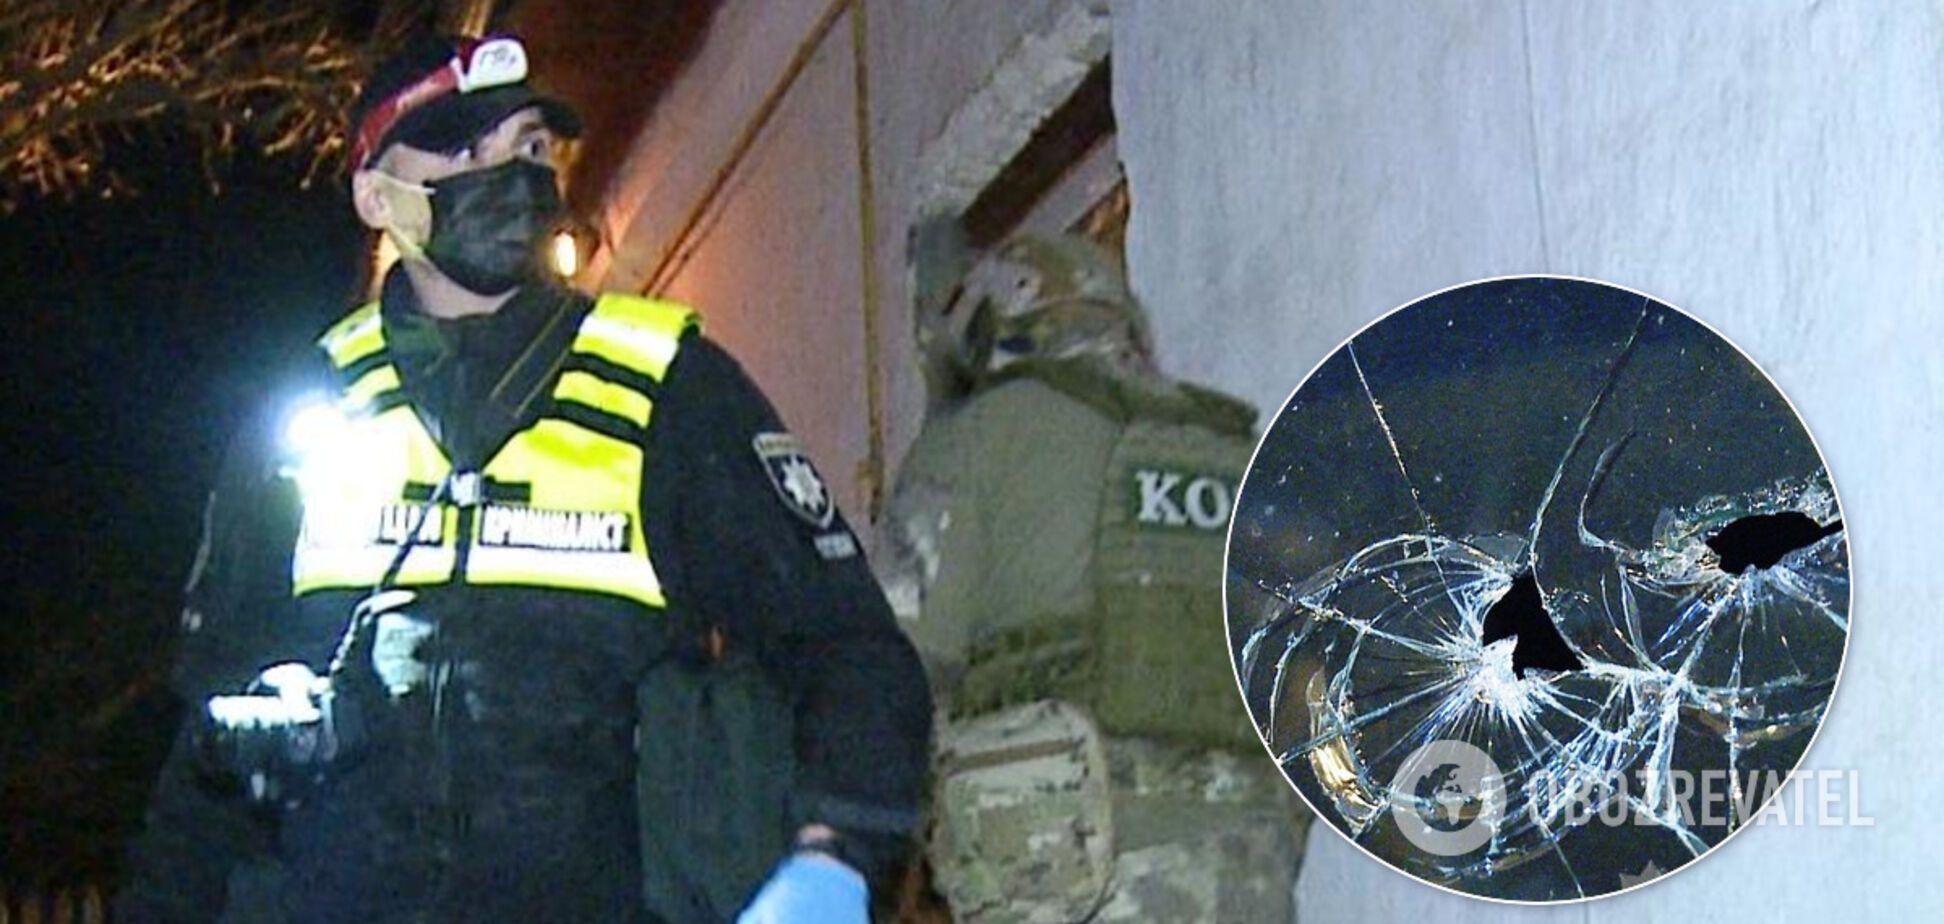 На Вінничині чоловік влаштував стрілянину по спецназівцях: поранені четверо. Фото і відео